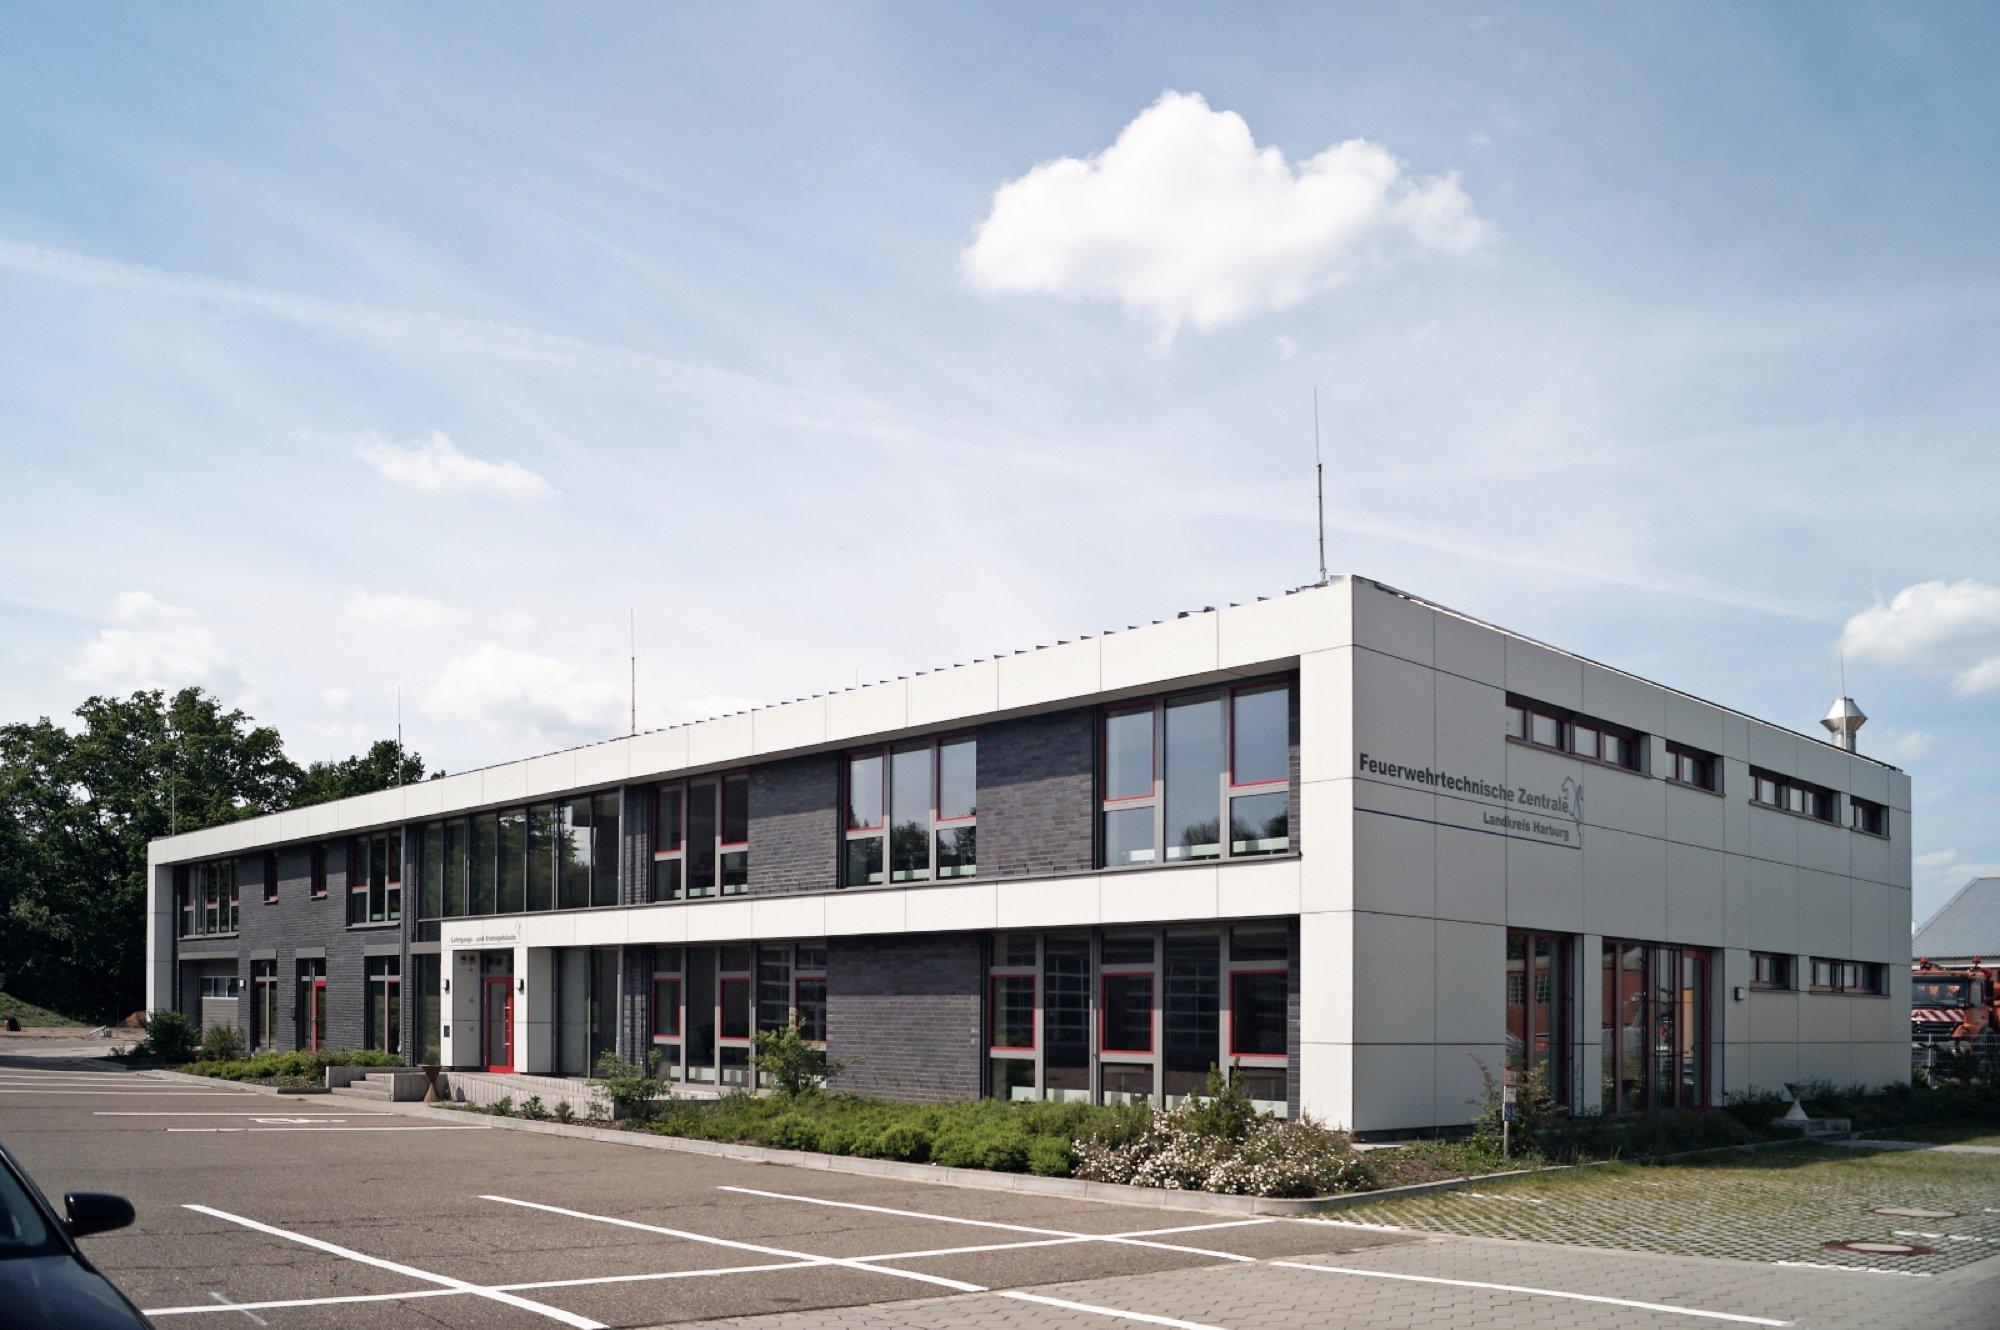 Aussenansicht des Gebäudes der Feuerwehrtechnischen Zentrale in Hittfeld